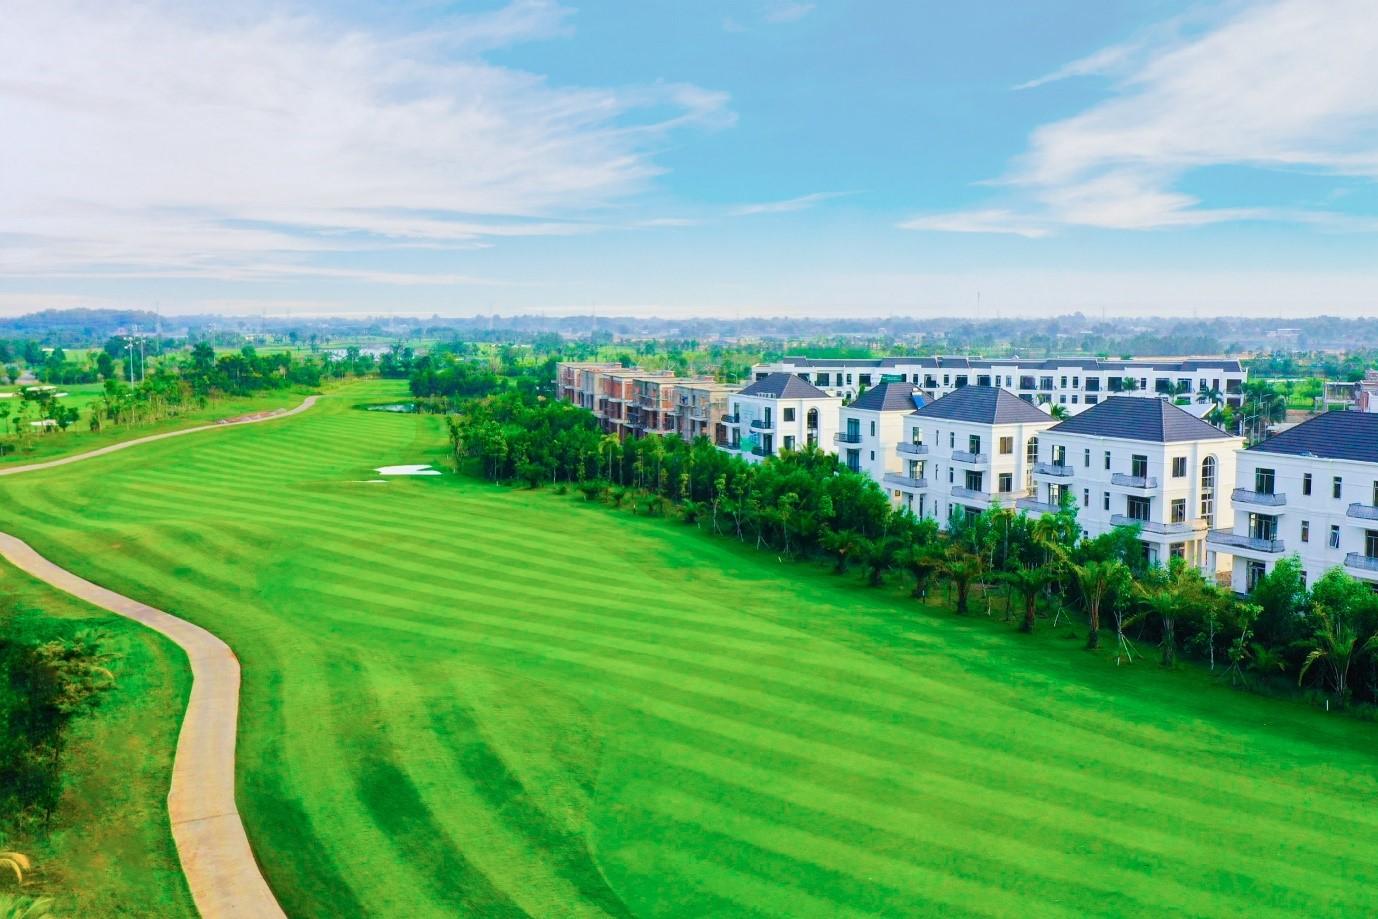 Thị trường bất động sản Long An đón nhu cầu không gian sống đẳng cấp. Ảnh dự án West Lakes Golf & Villas: Tran An Group.